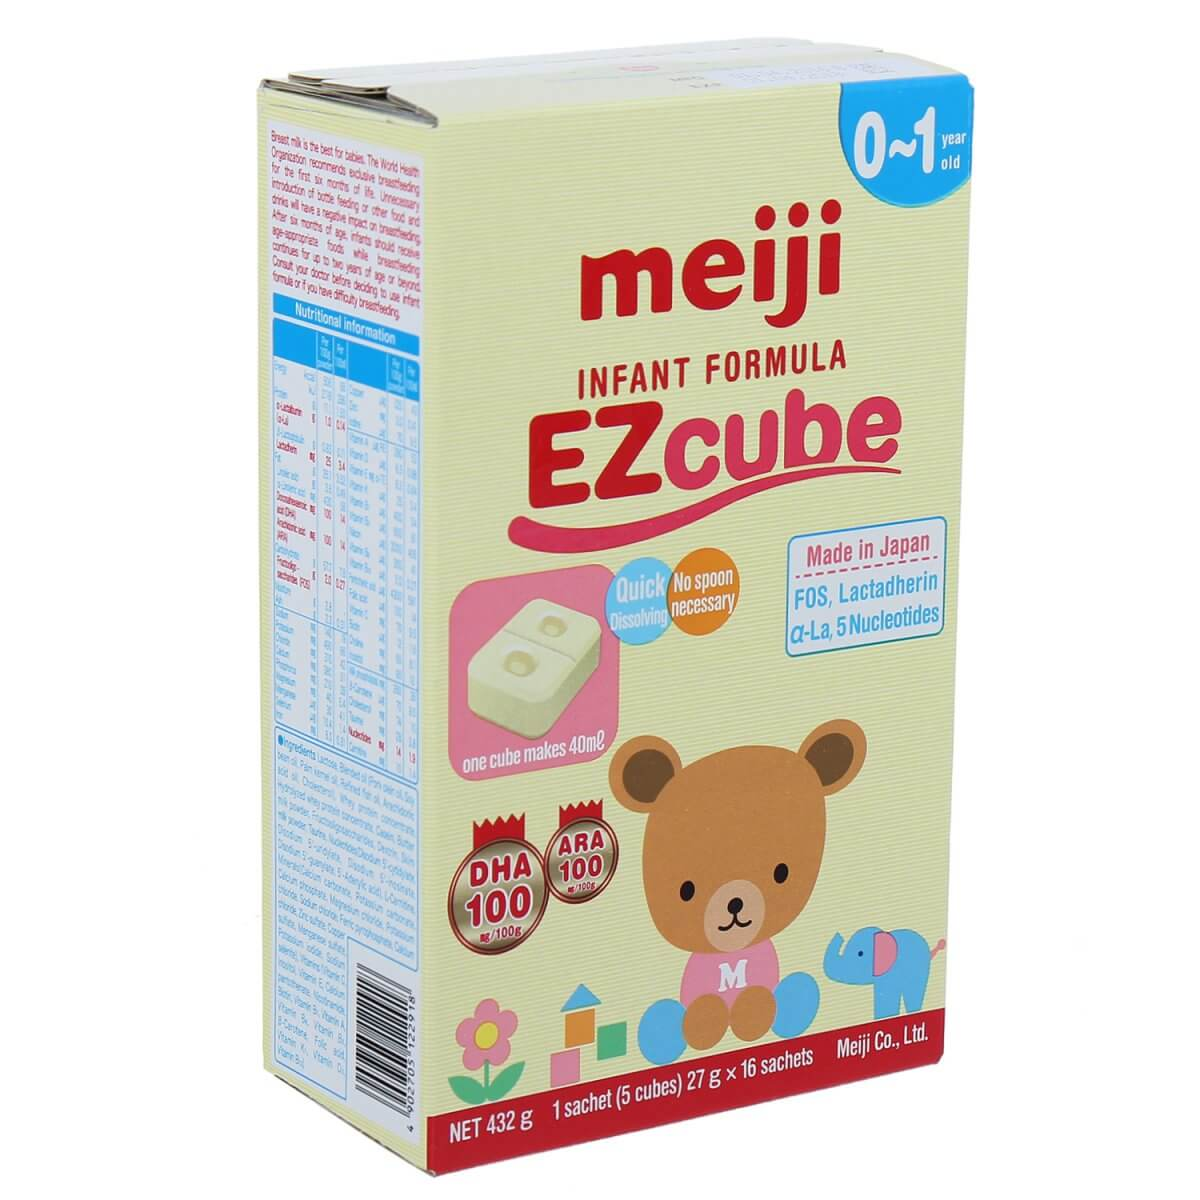 Thông tin đầy đủ về sữa Meiji thanh Ezcube 0-1 cho bé